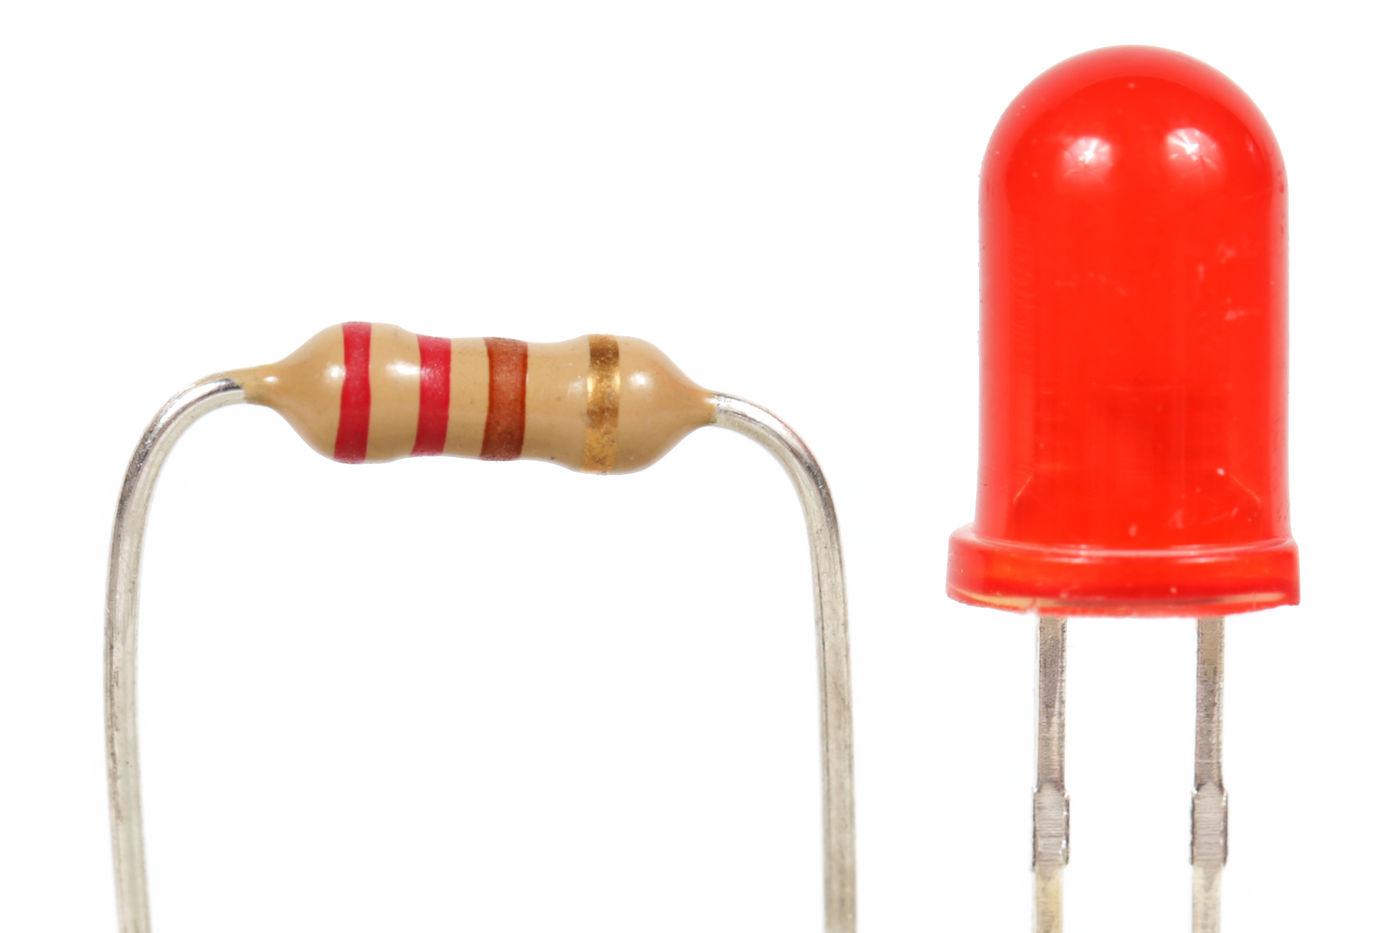 Current Limiting Resistors